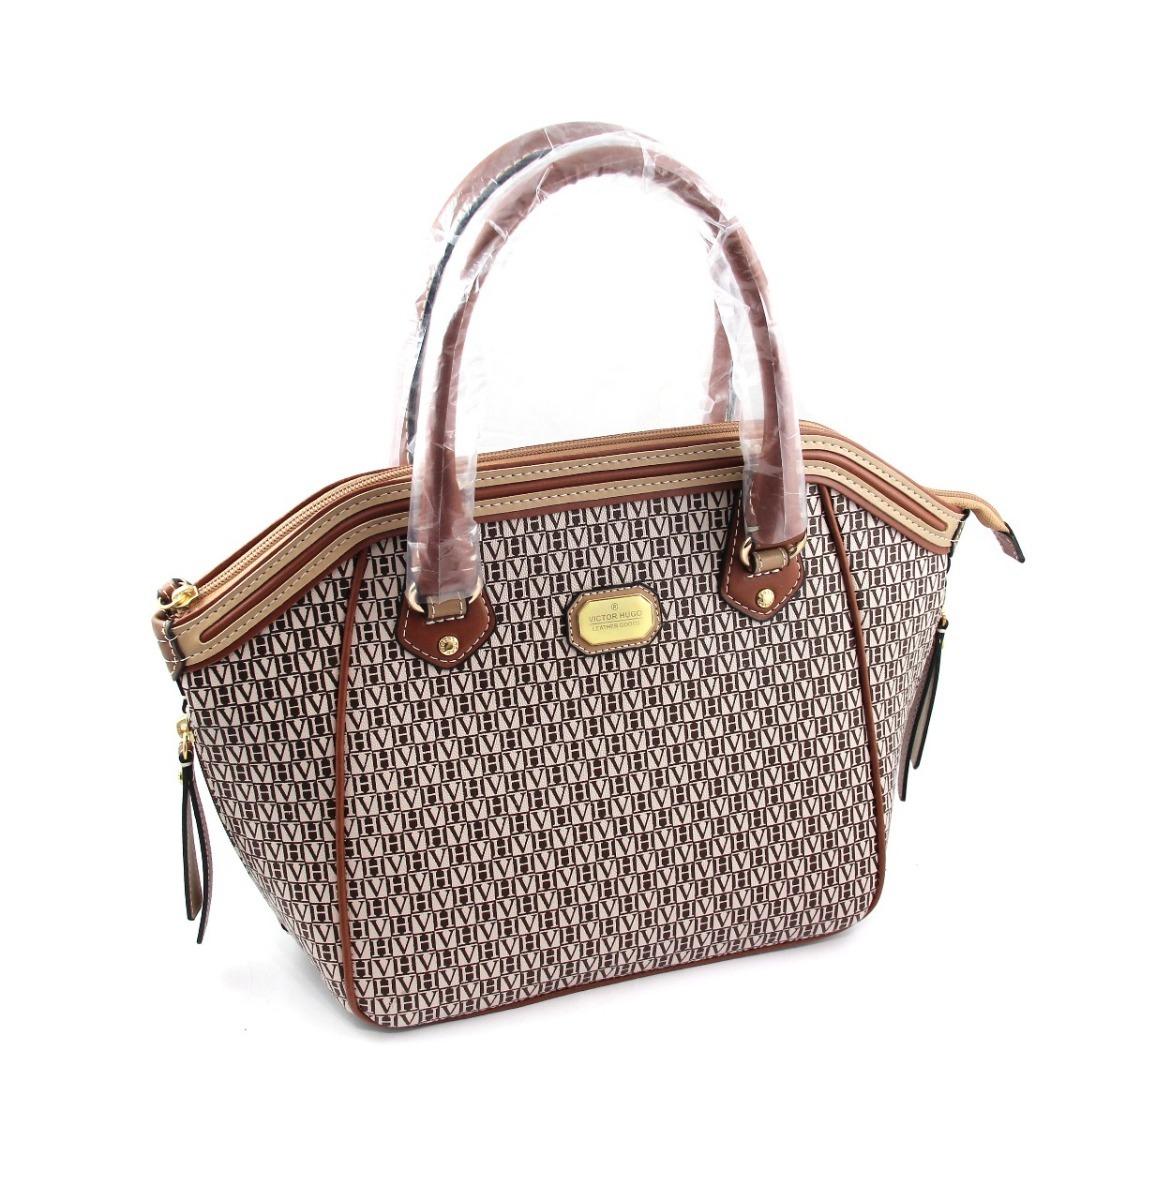 7a32c56b5d0f4 liquida tudo victor hugo leather goods bolsa original couro. Carregando  zoom.